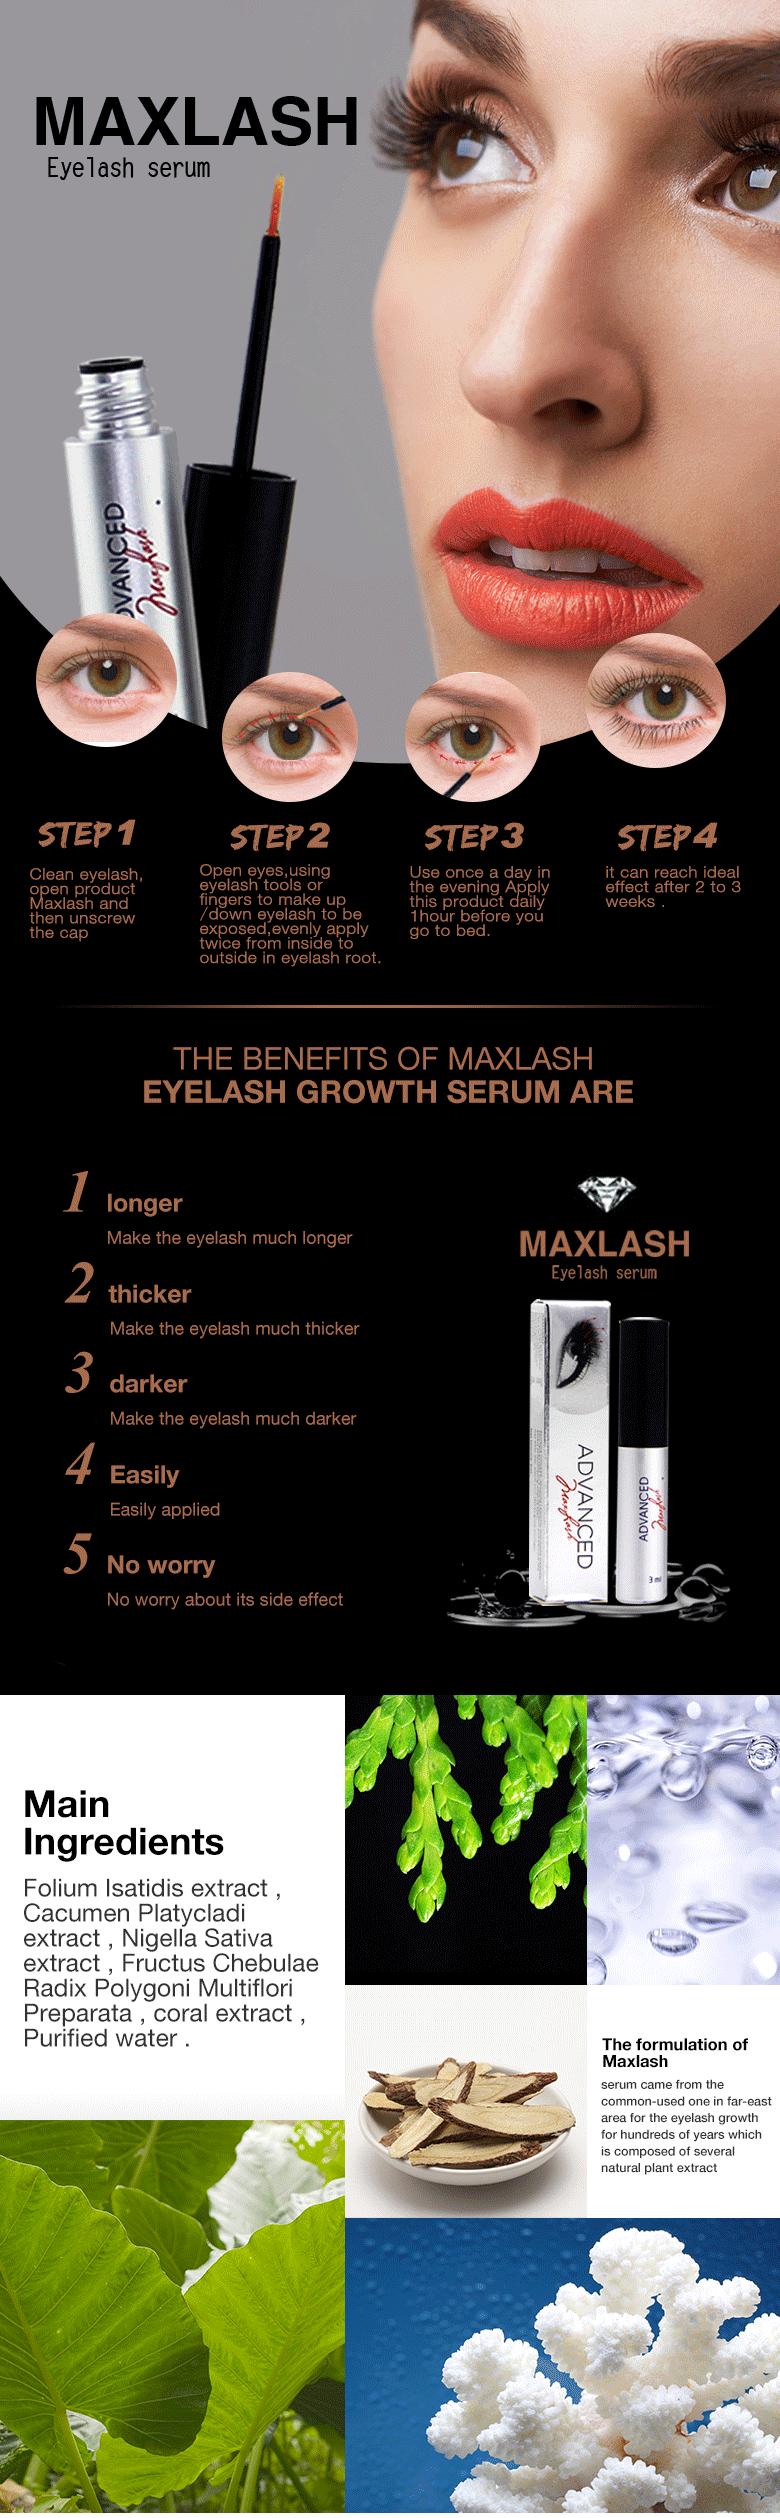 MAXLASH Tự Nhiên Lông Mi Huyết Thanh Tăng Trưởng lông mày huyết thanh tăng trưởng